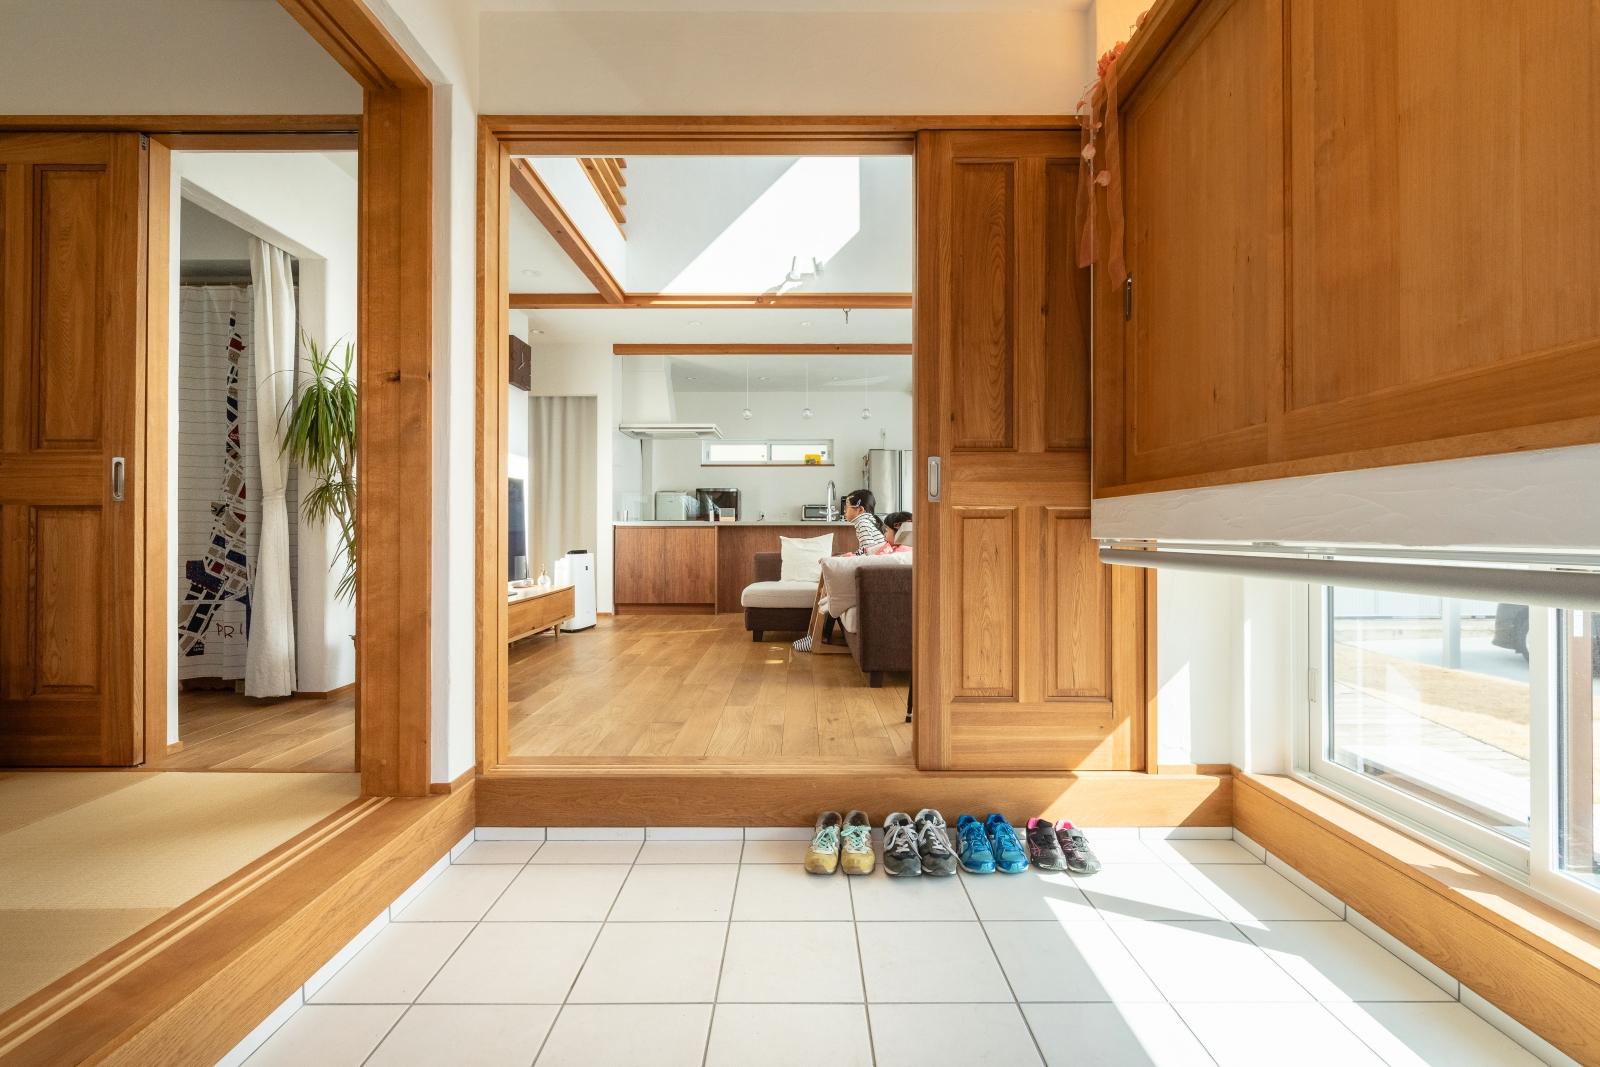 広々使える土間玄関。リビングにも和室にも直接行ける便利な動線。